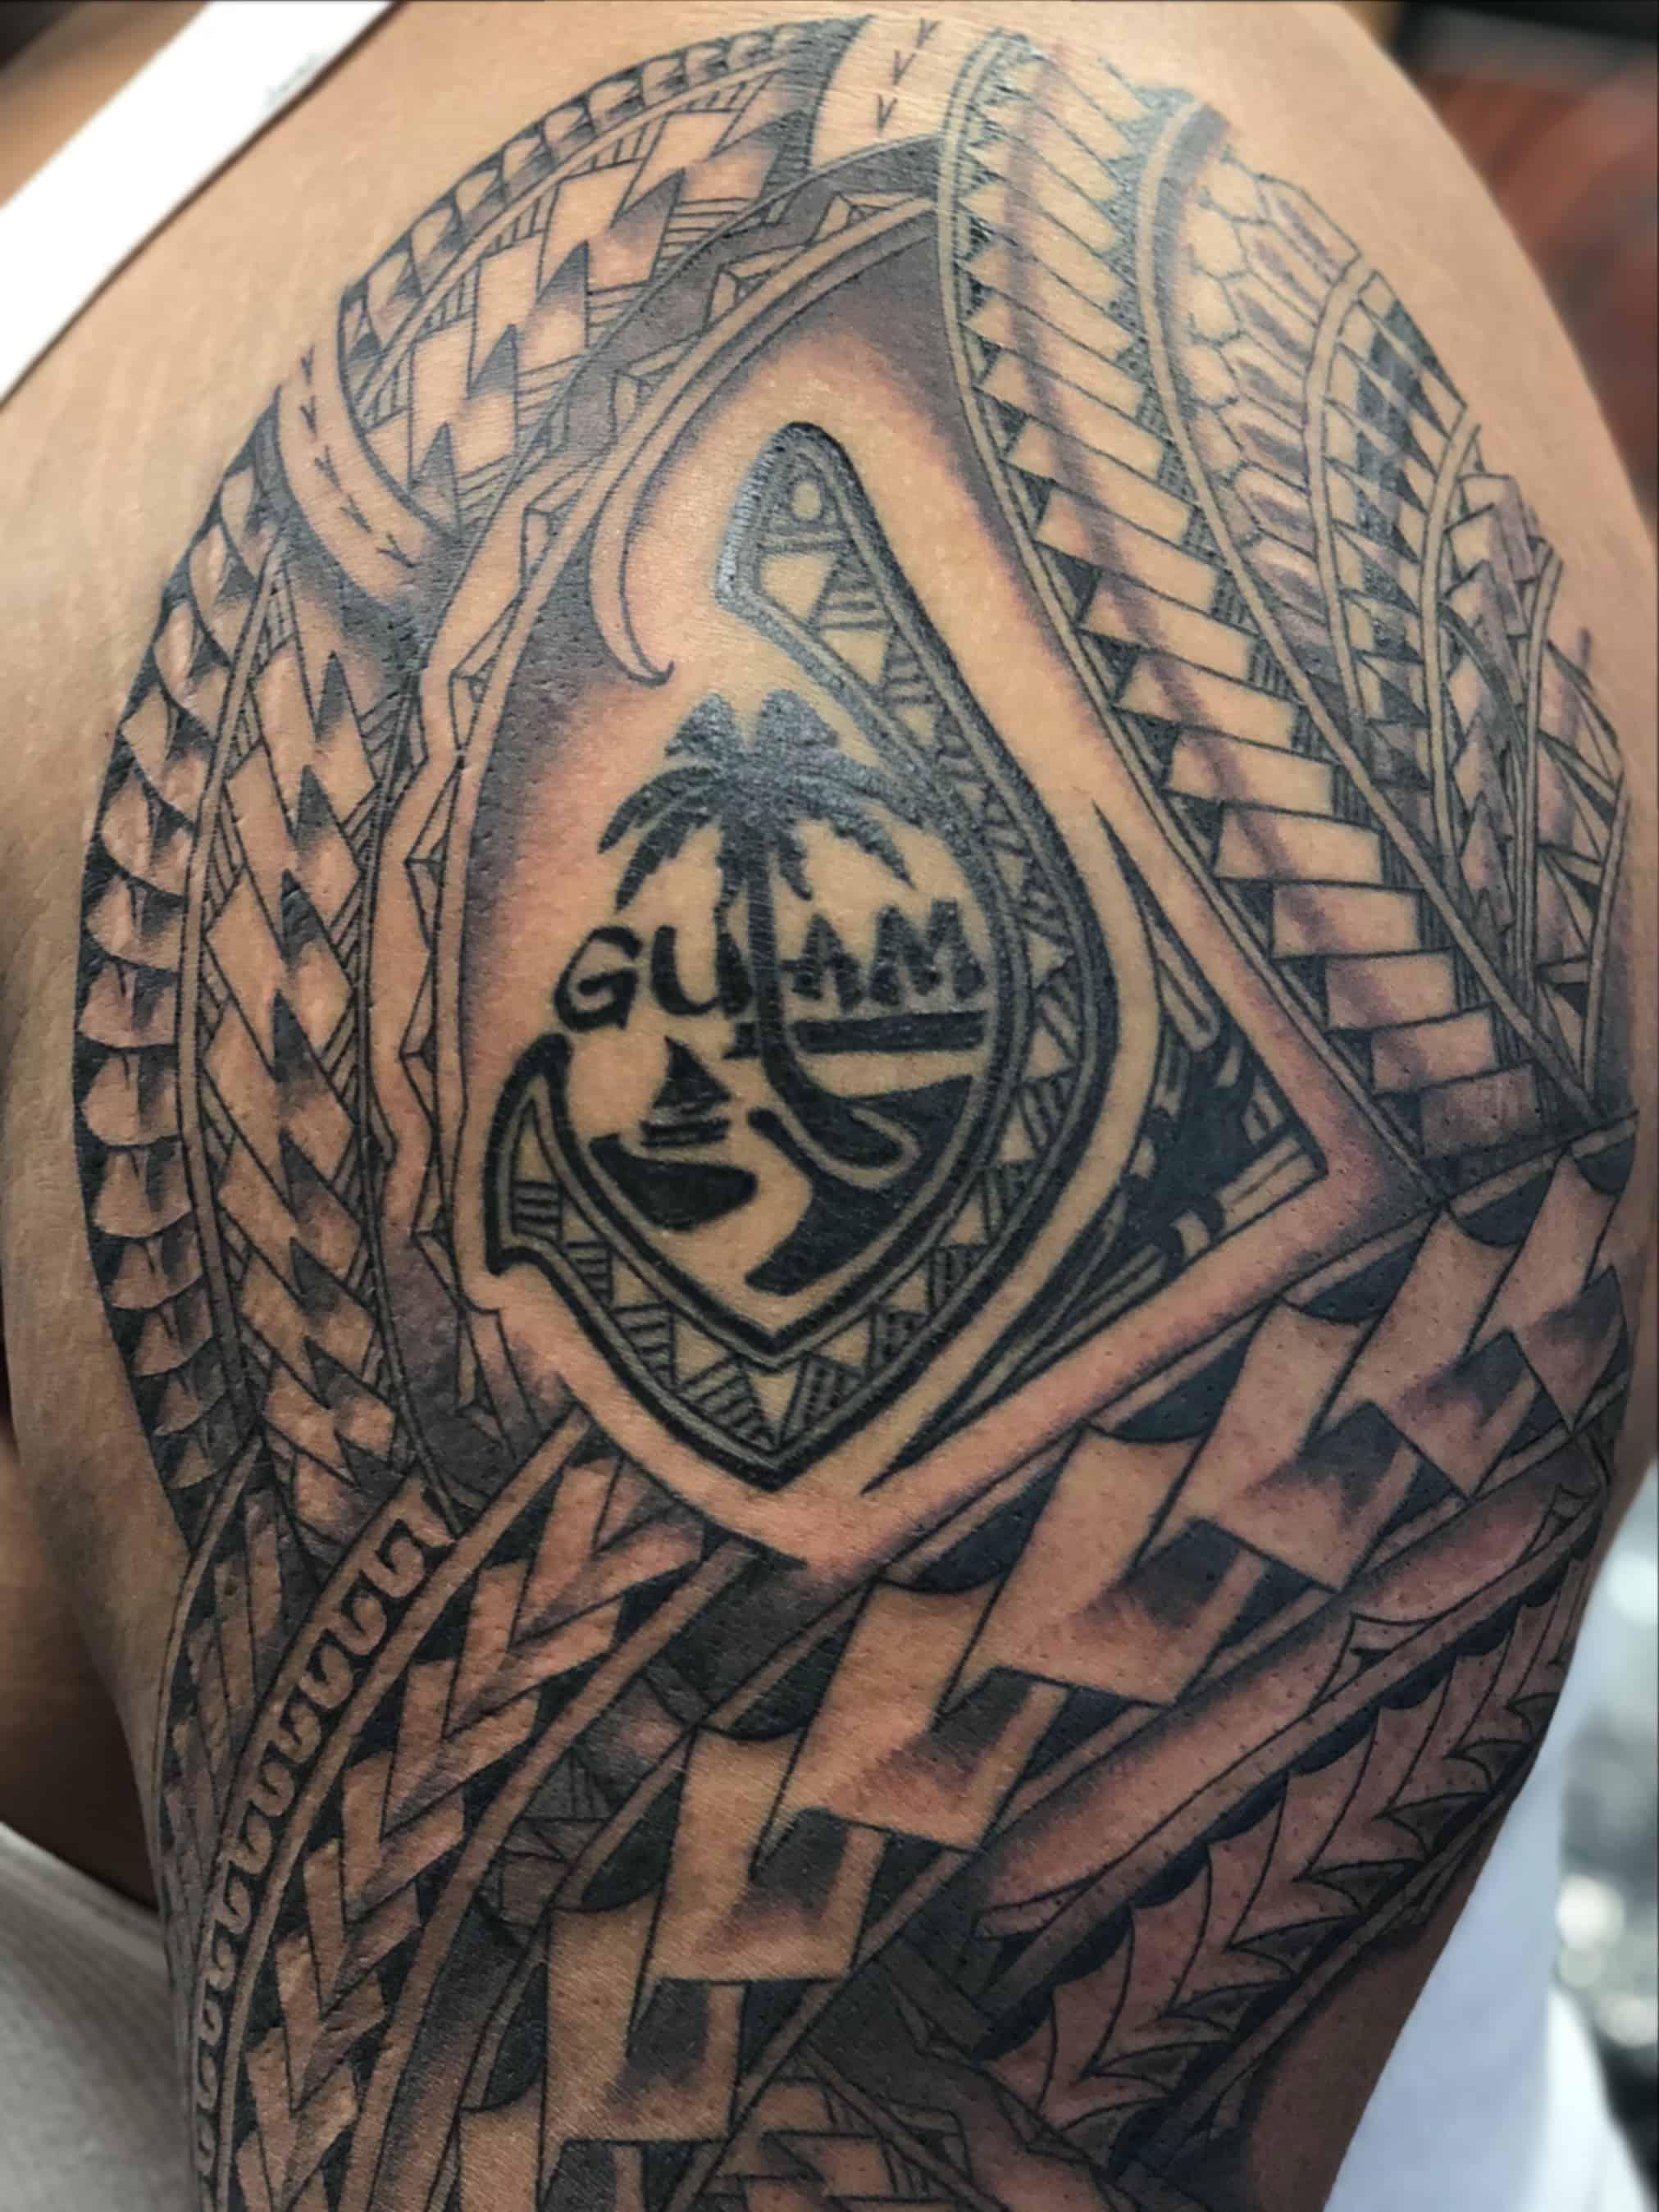 Guam tribal tattoo